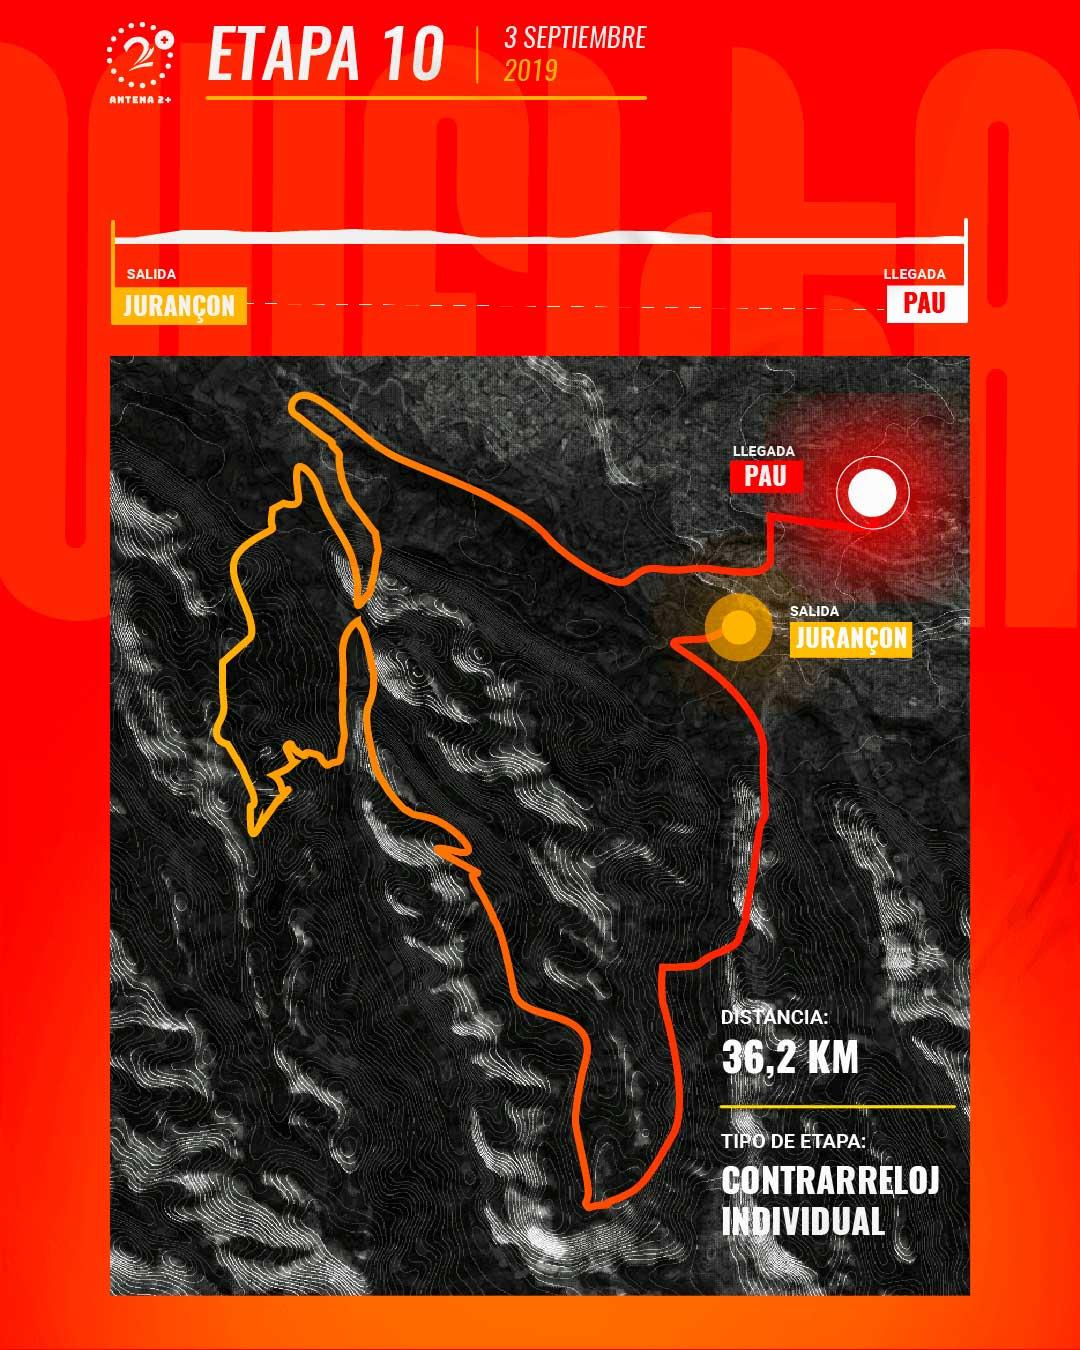 Etapa 10, Vuelta a España 2019